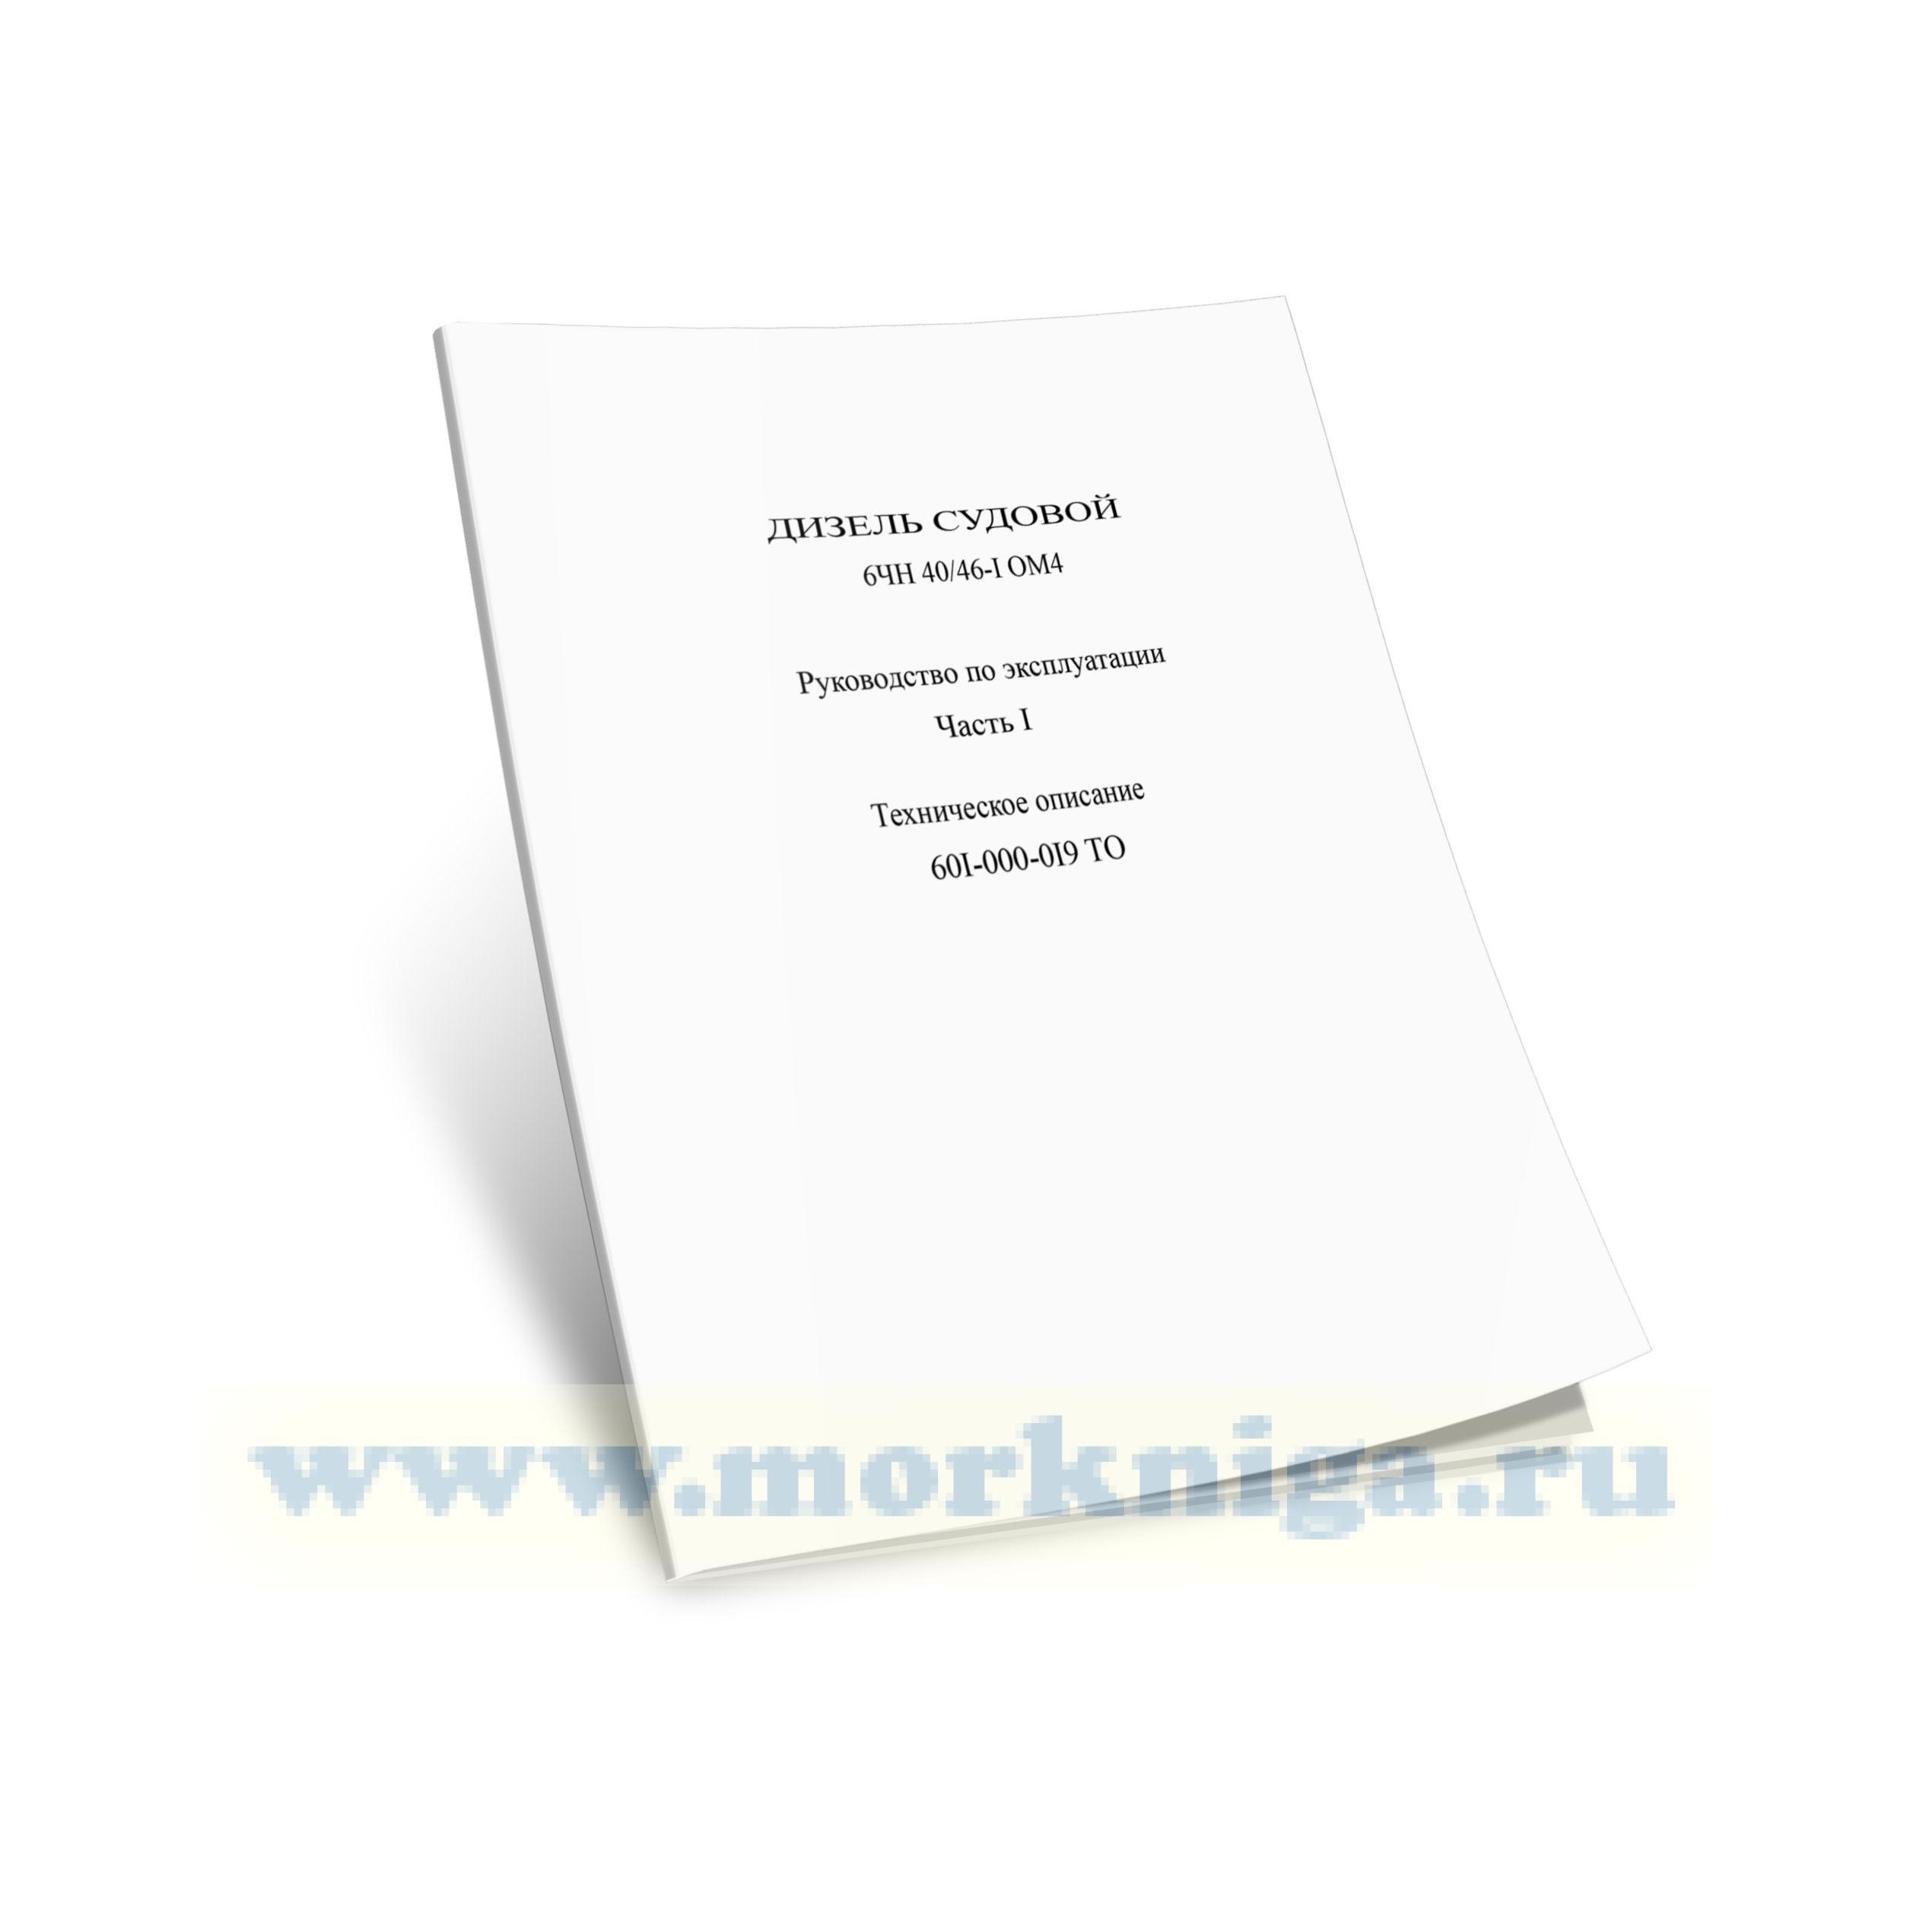 Дизель судовой 6ЧН 40/46-1 ОМ4. Руководство по эксплуатации. Часть 1. Техническое описание 60I-000-0IЭ ТС